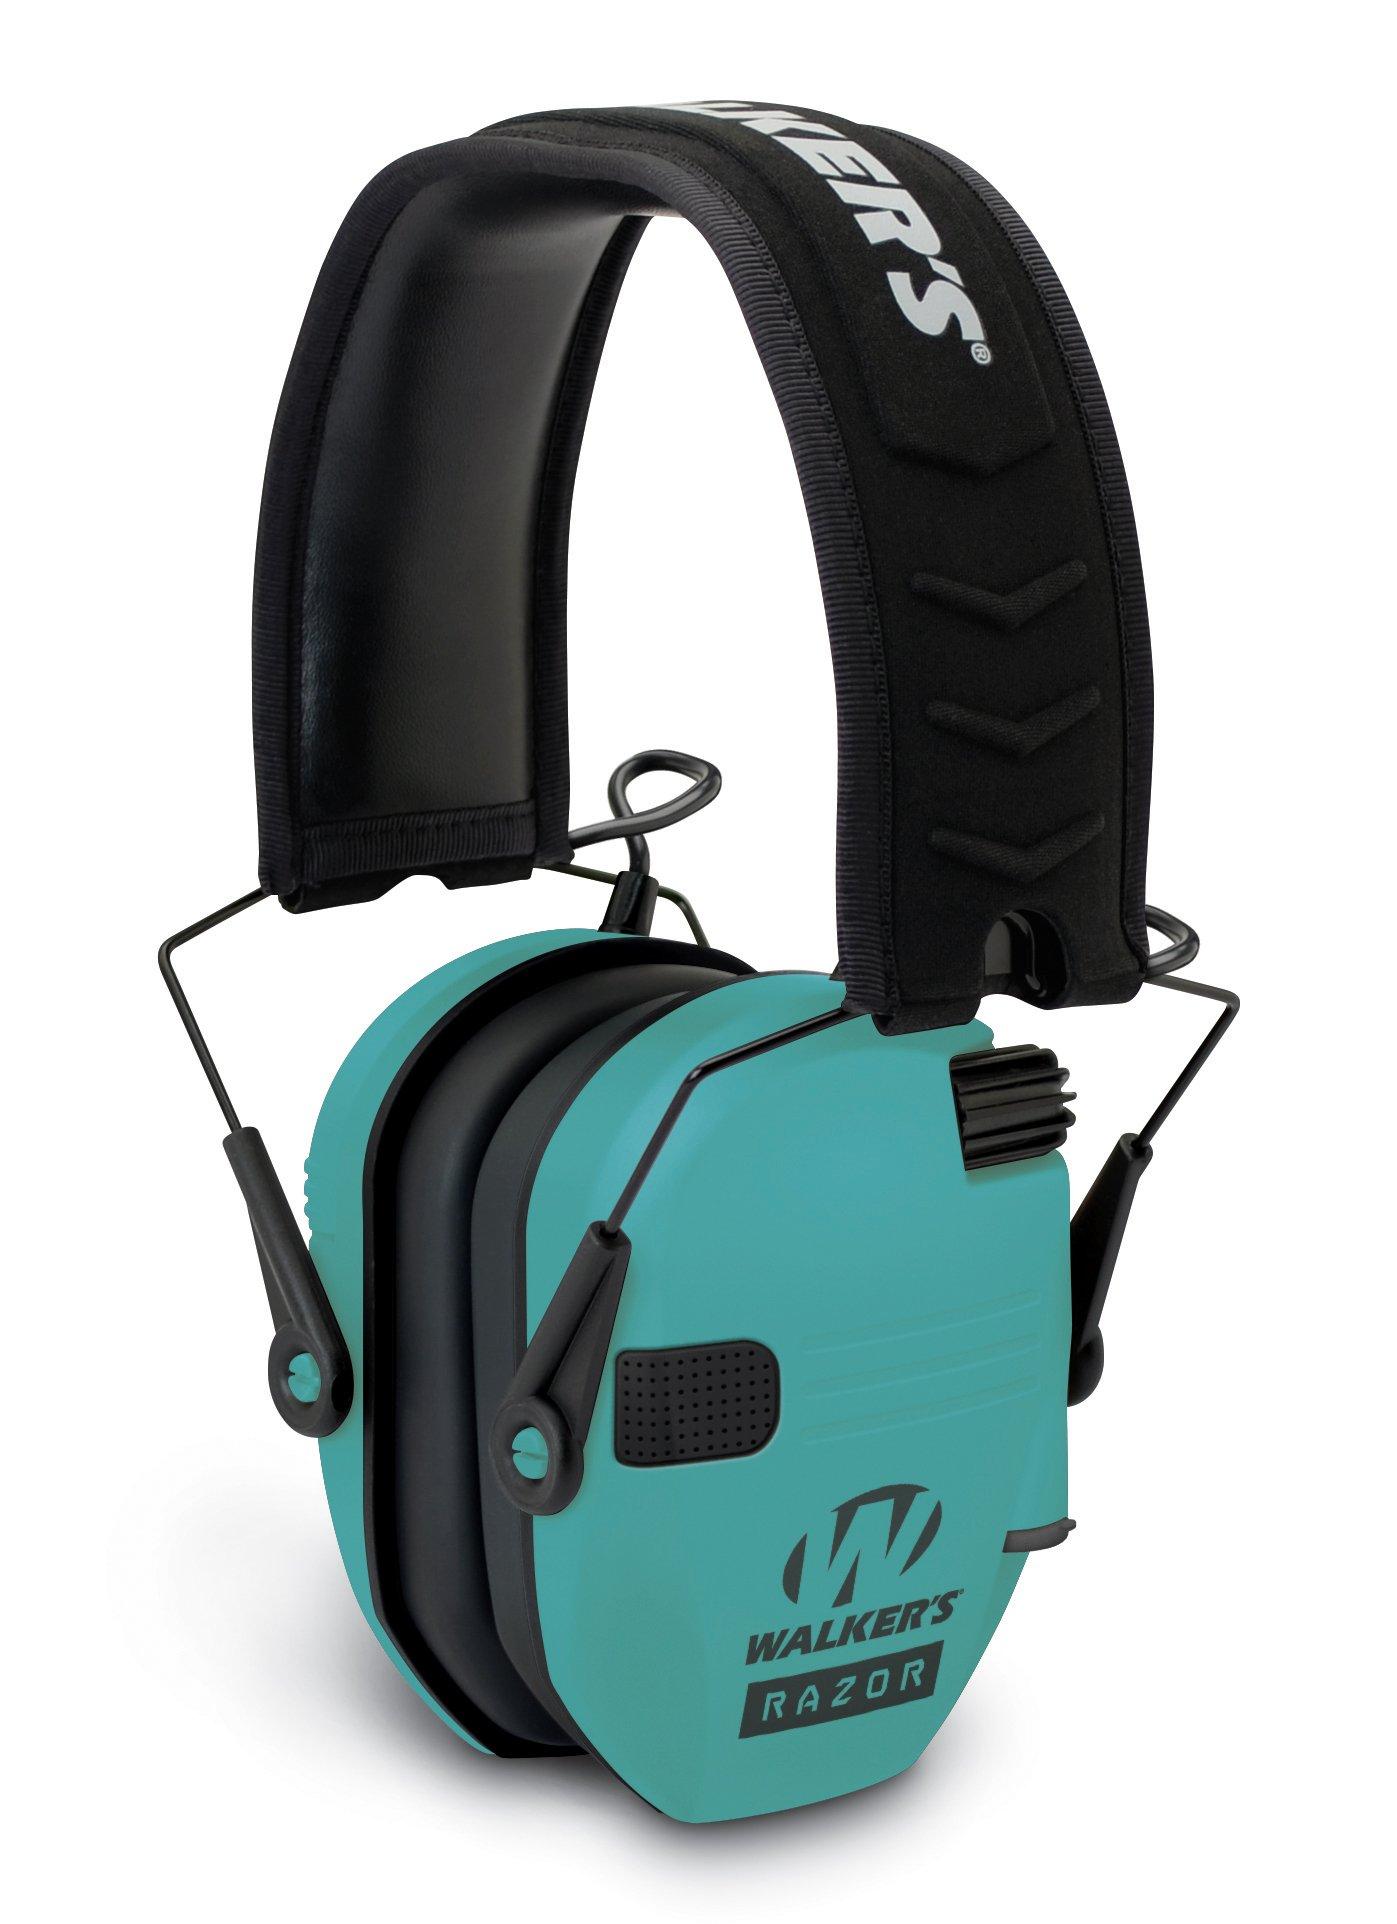 Walker's Razor Slim GWP-RSEM-LTL Electronic Muff Light Teal, 2 'AAA' Batteris by Walker's Game Ear